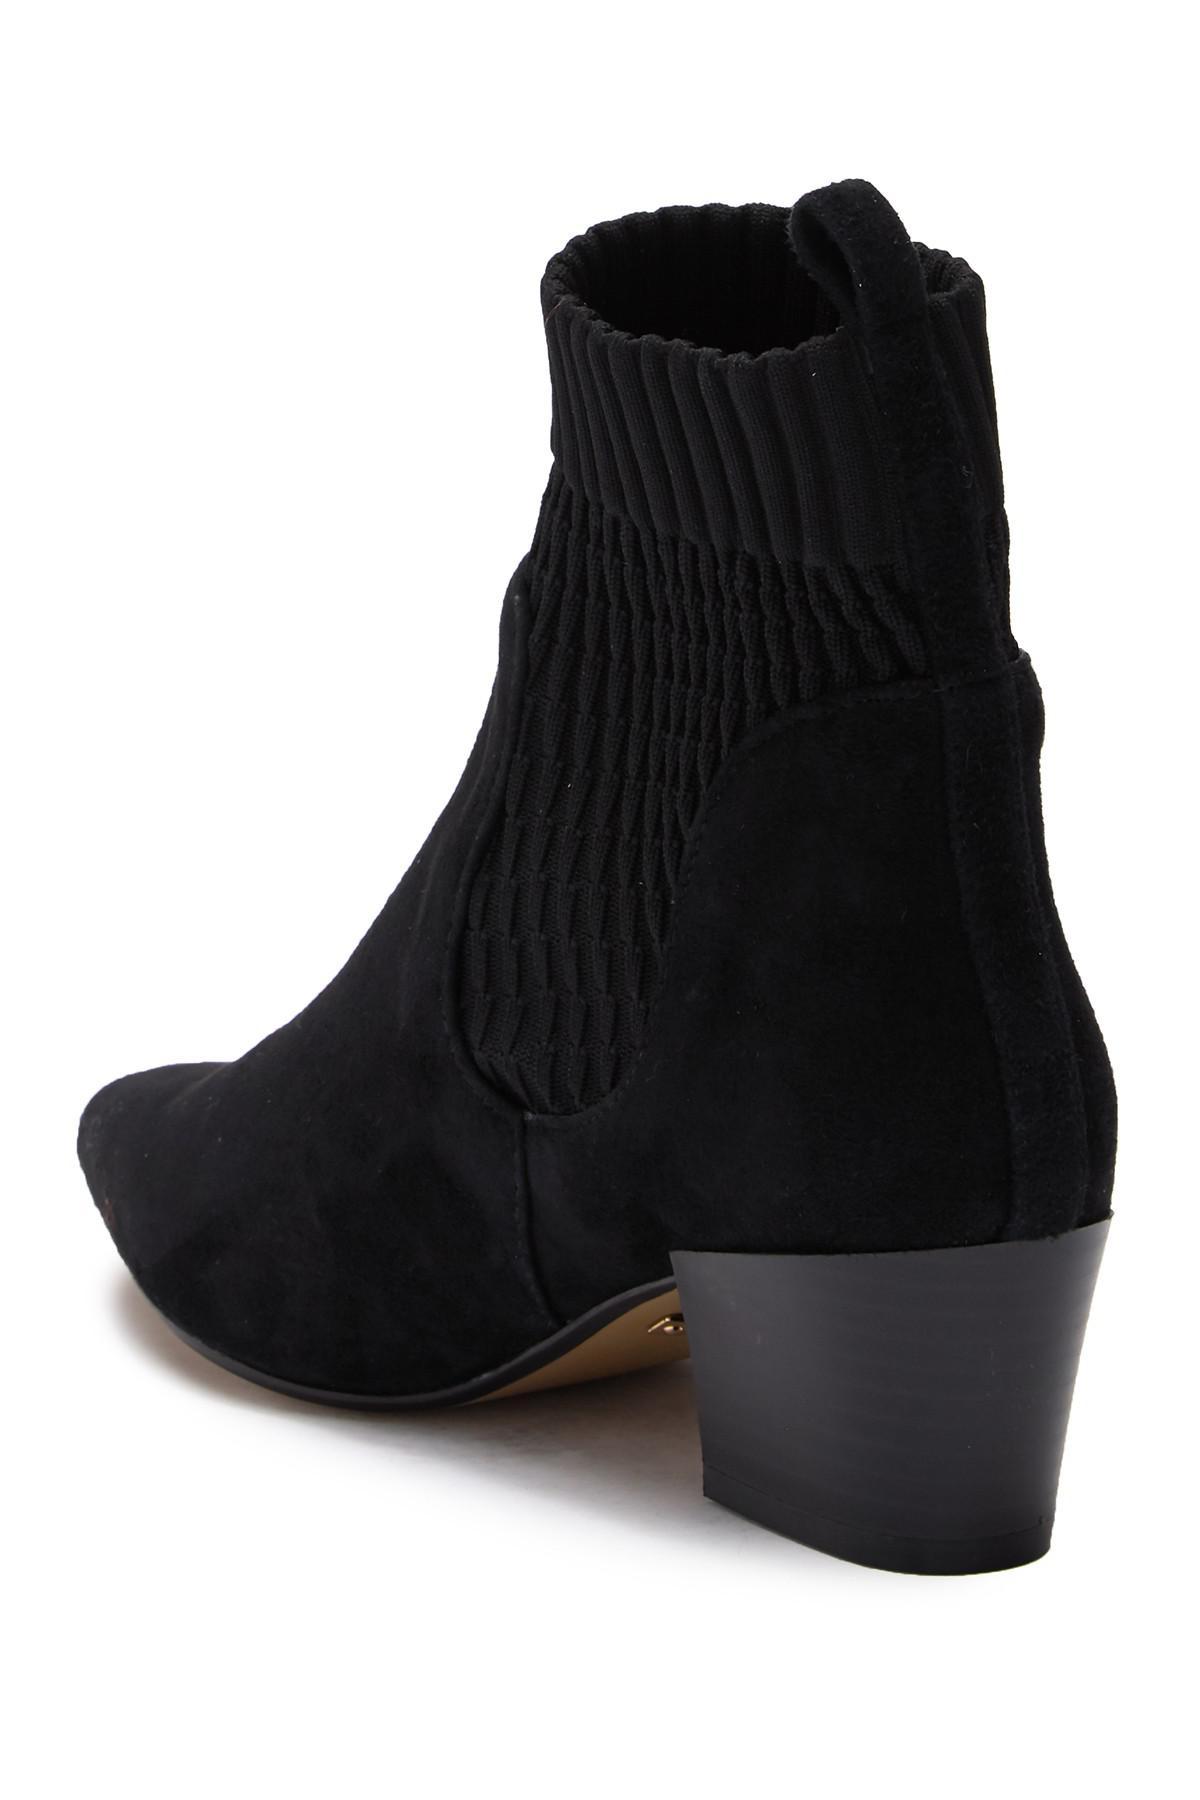 Kensie Suede Lokia Boot in Black Suede